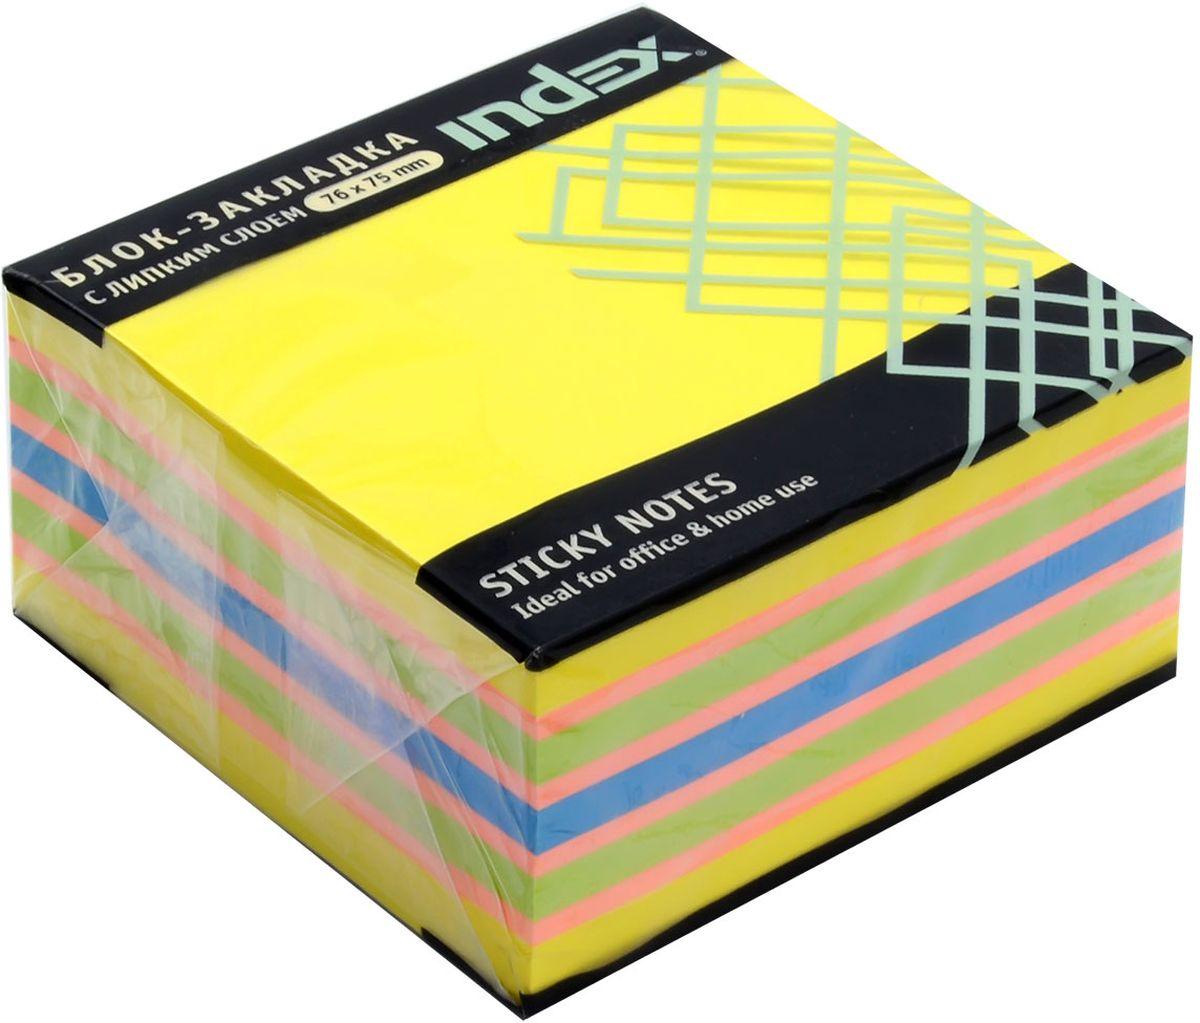 Index Бумага для заметок с липким слоем цвет желтый 400 листов I4338120703415Бумага для заметок с липким слоем, размер 76 х 75 мм, 400 листов. Клеевой слой - 21 Н/м, плотность бумаги - 75г/кв.м. Не оставляет следов после использования, лист может крепиться повторно.